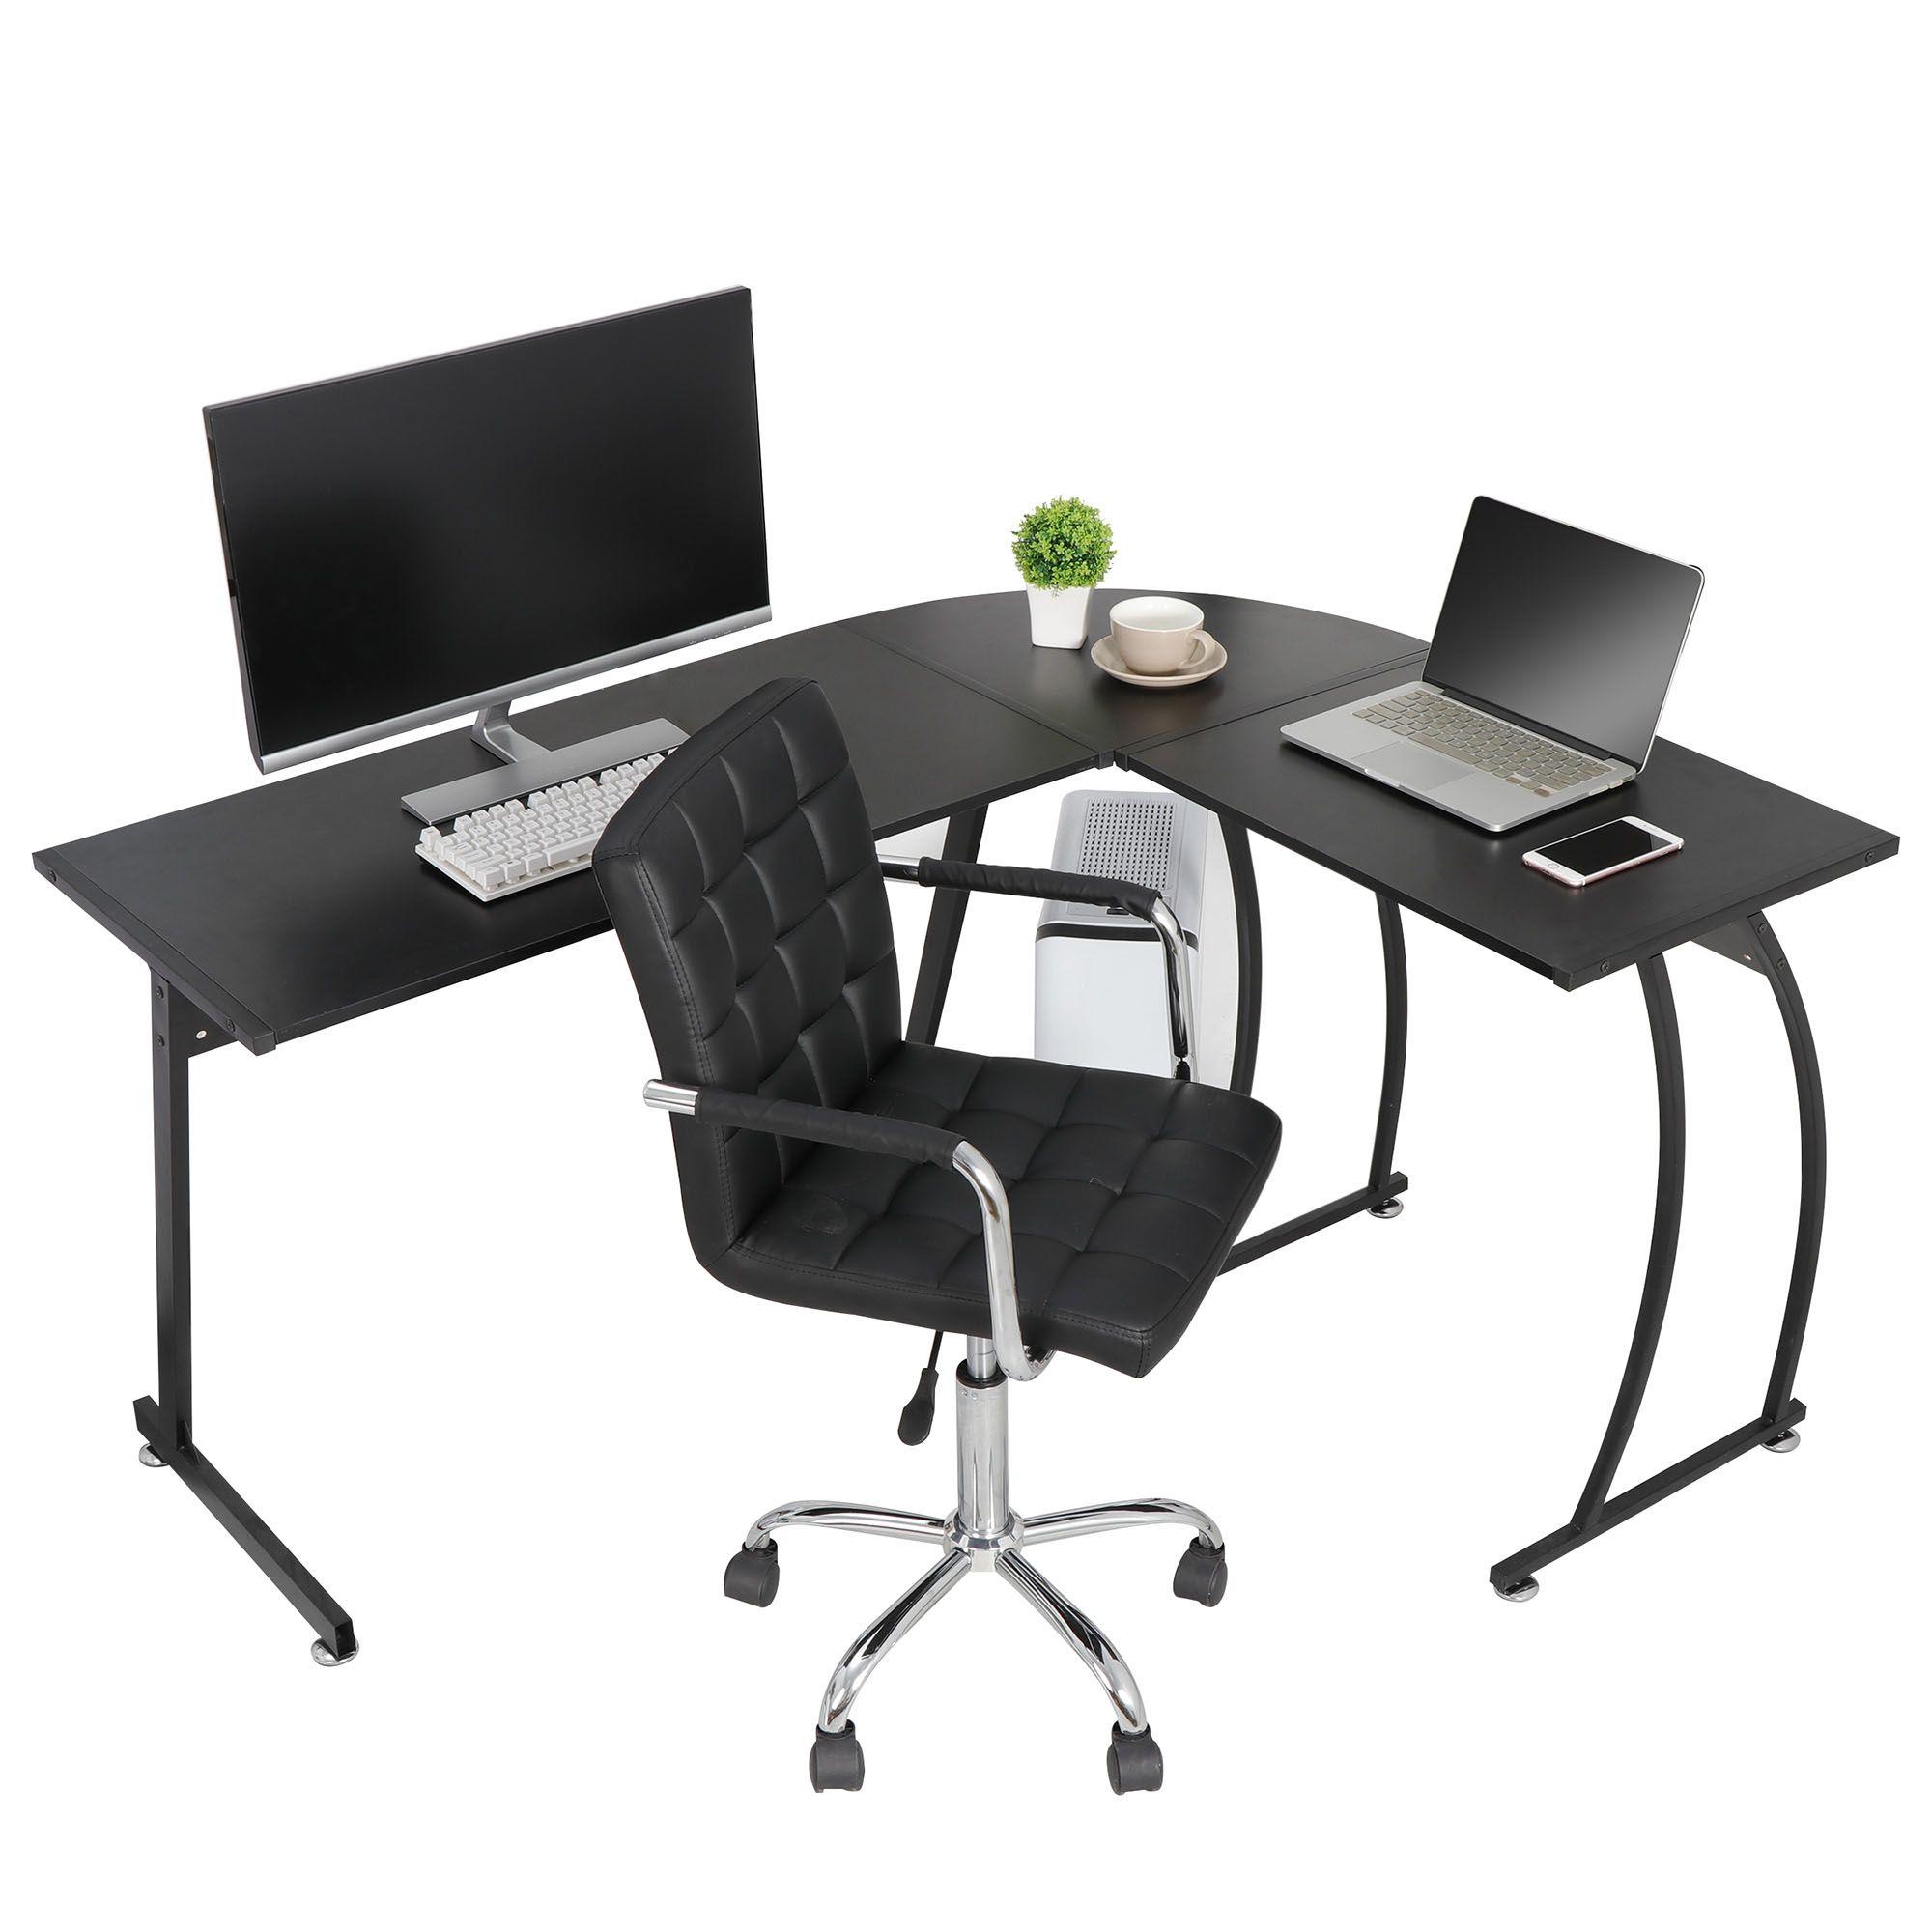 Modern L Shaped Laptop Corner Desk Computer Desk Table Home Office Writing Workstation Black Walmart Com In 2020 L Shaped Corner Desk Pc Desk Home Desk